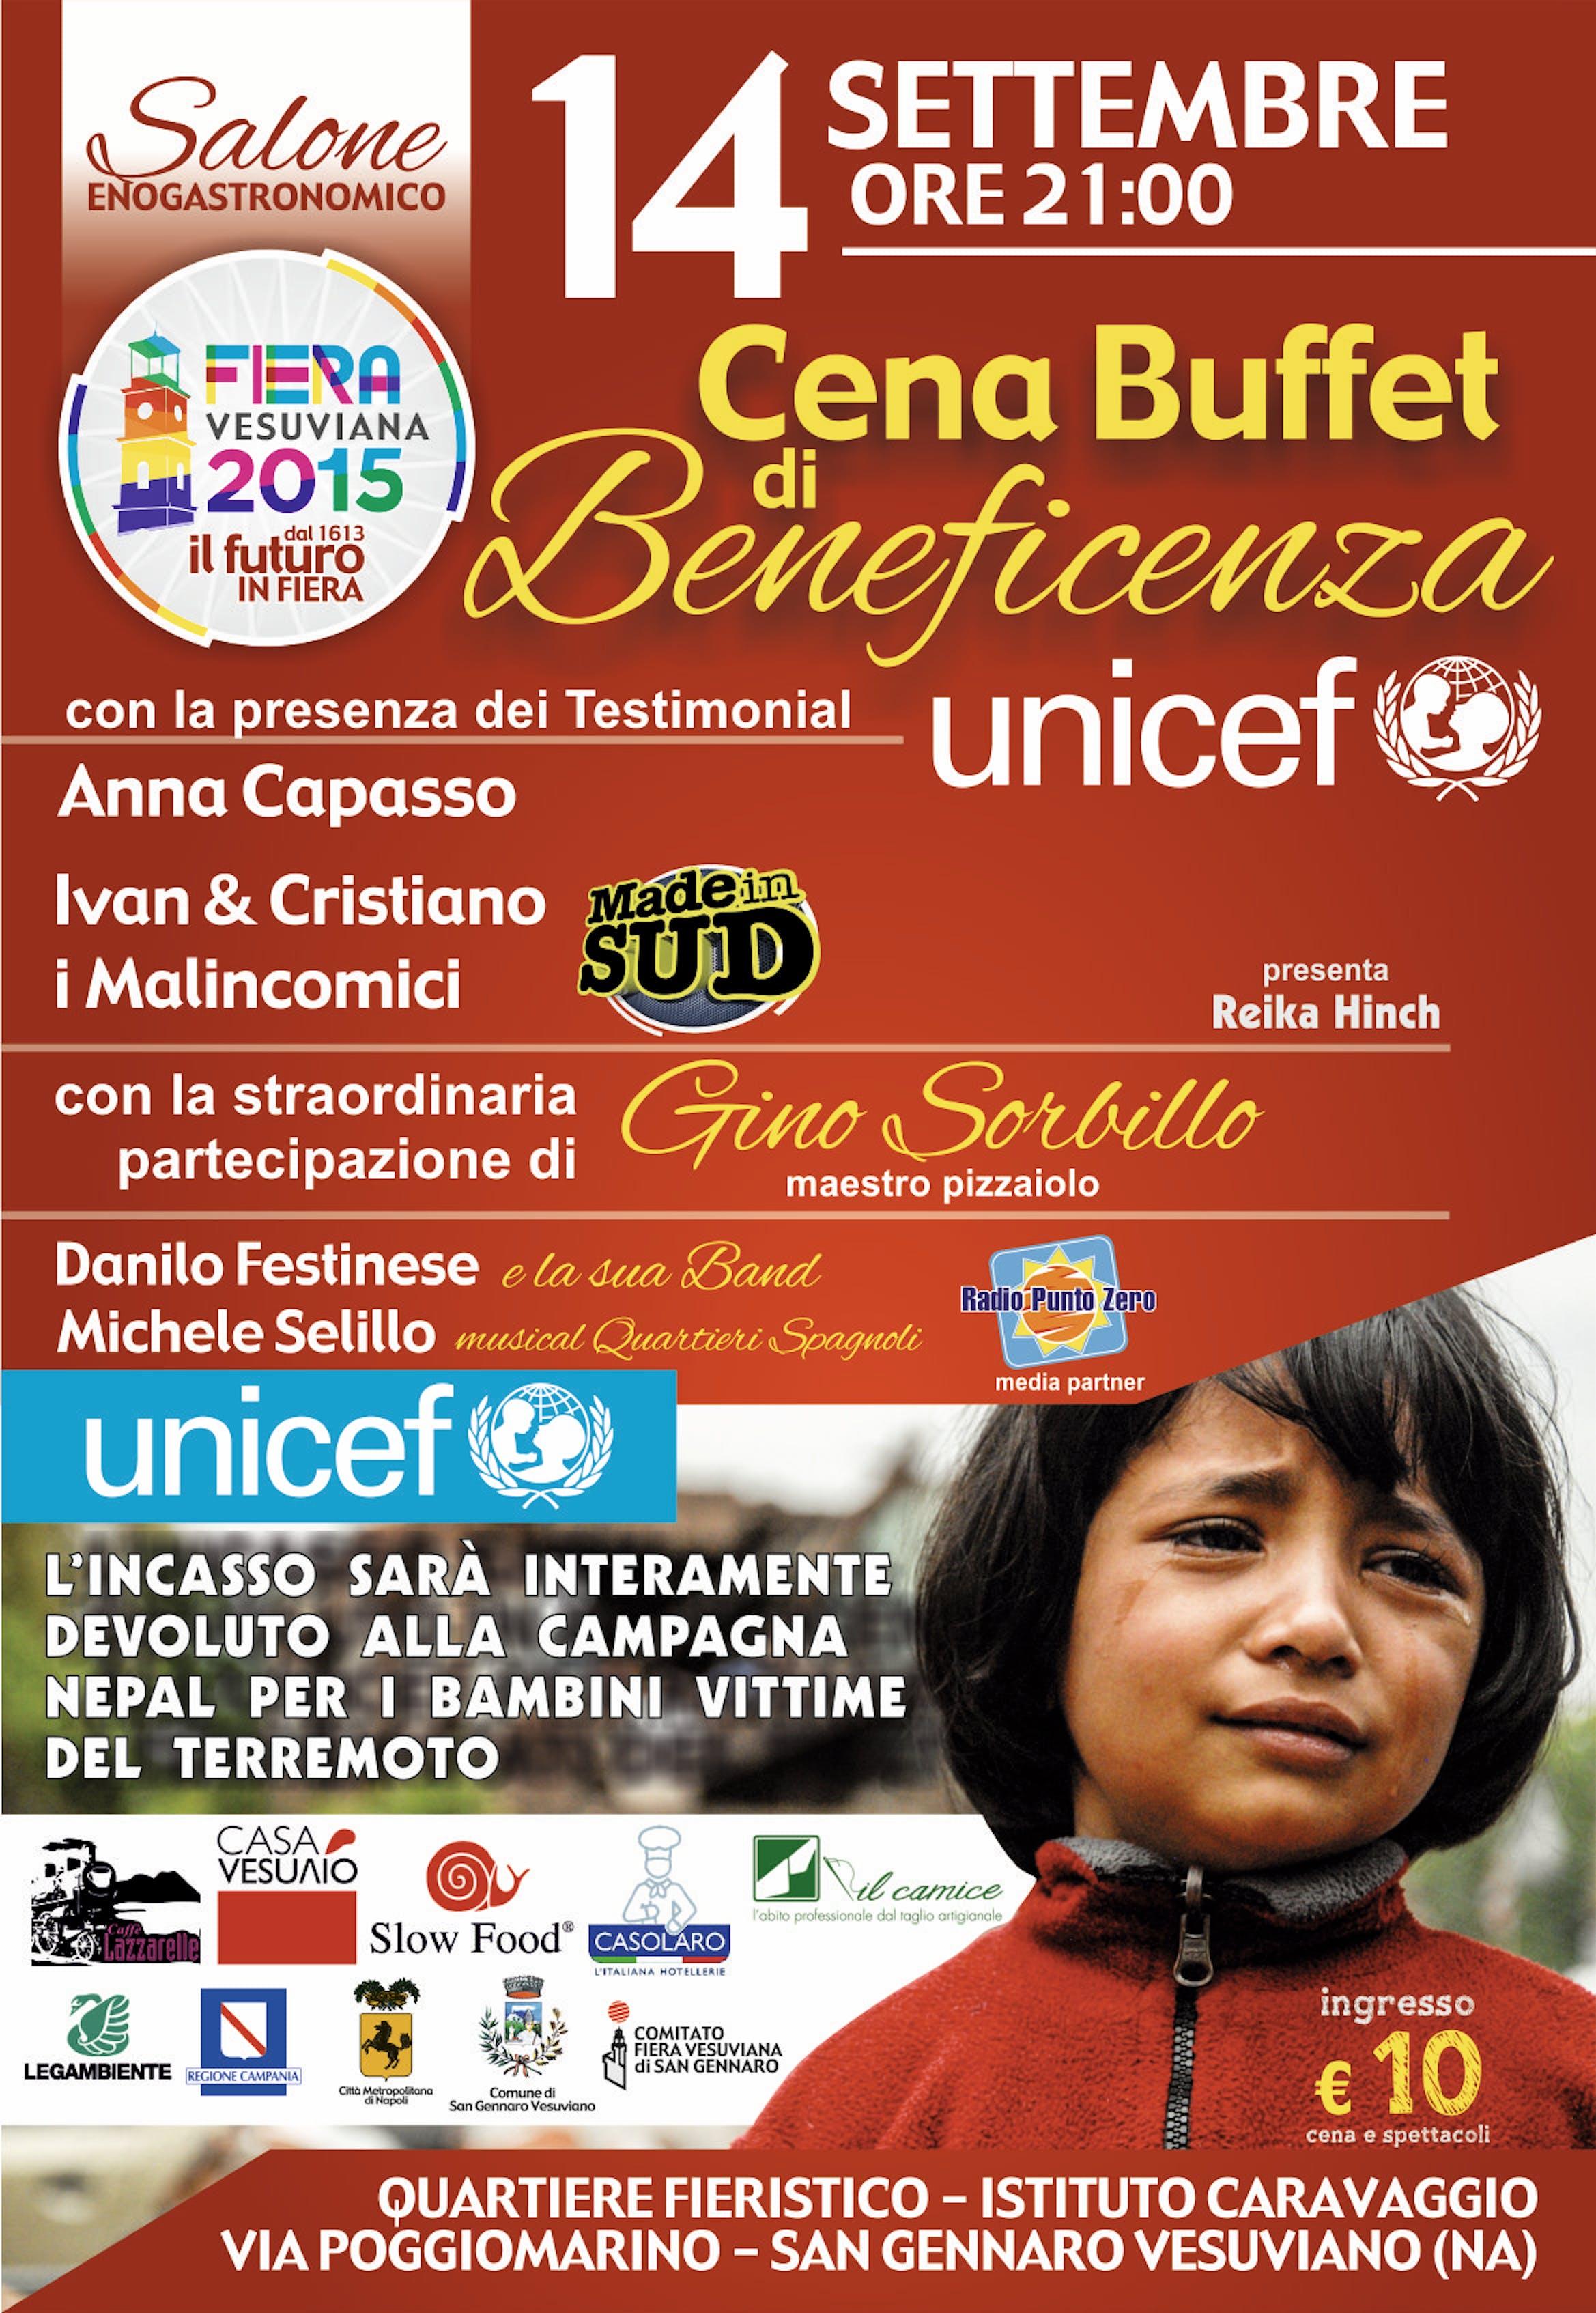 Napoli: un buffet per aiutare i bambini del Nepal